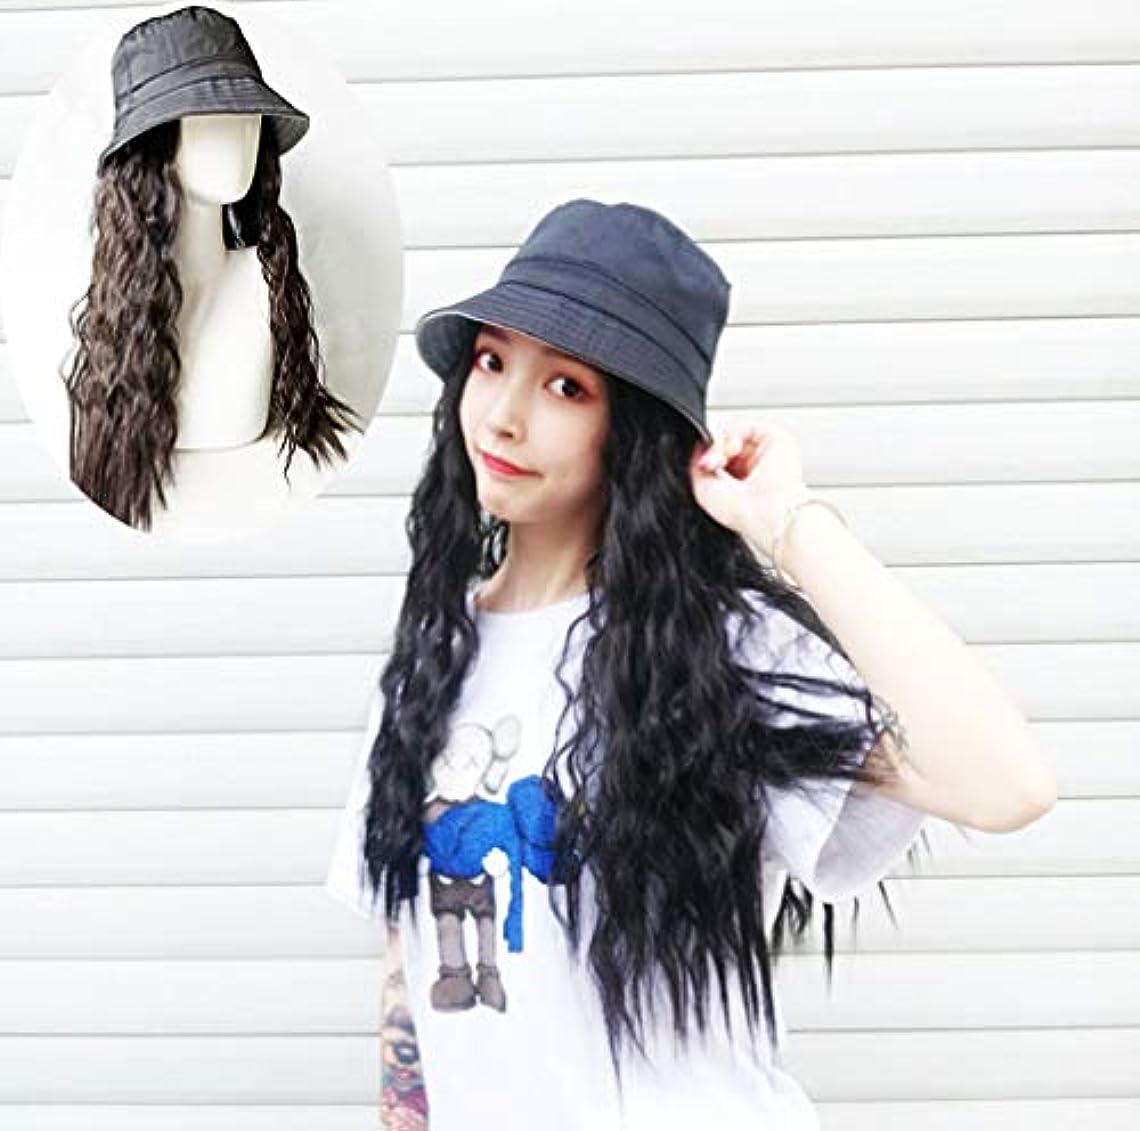 名詞ミスペンドプレゼンター長いウェーブのかかった髪の拡張子を持つ女性野球キャップ毎日のパーティーの使用のための黒い帽子が付いた自然な人工毛65cm